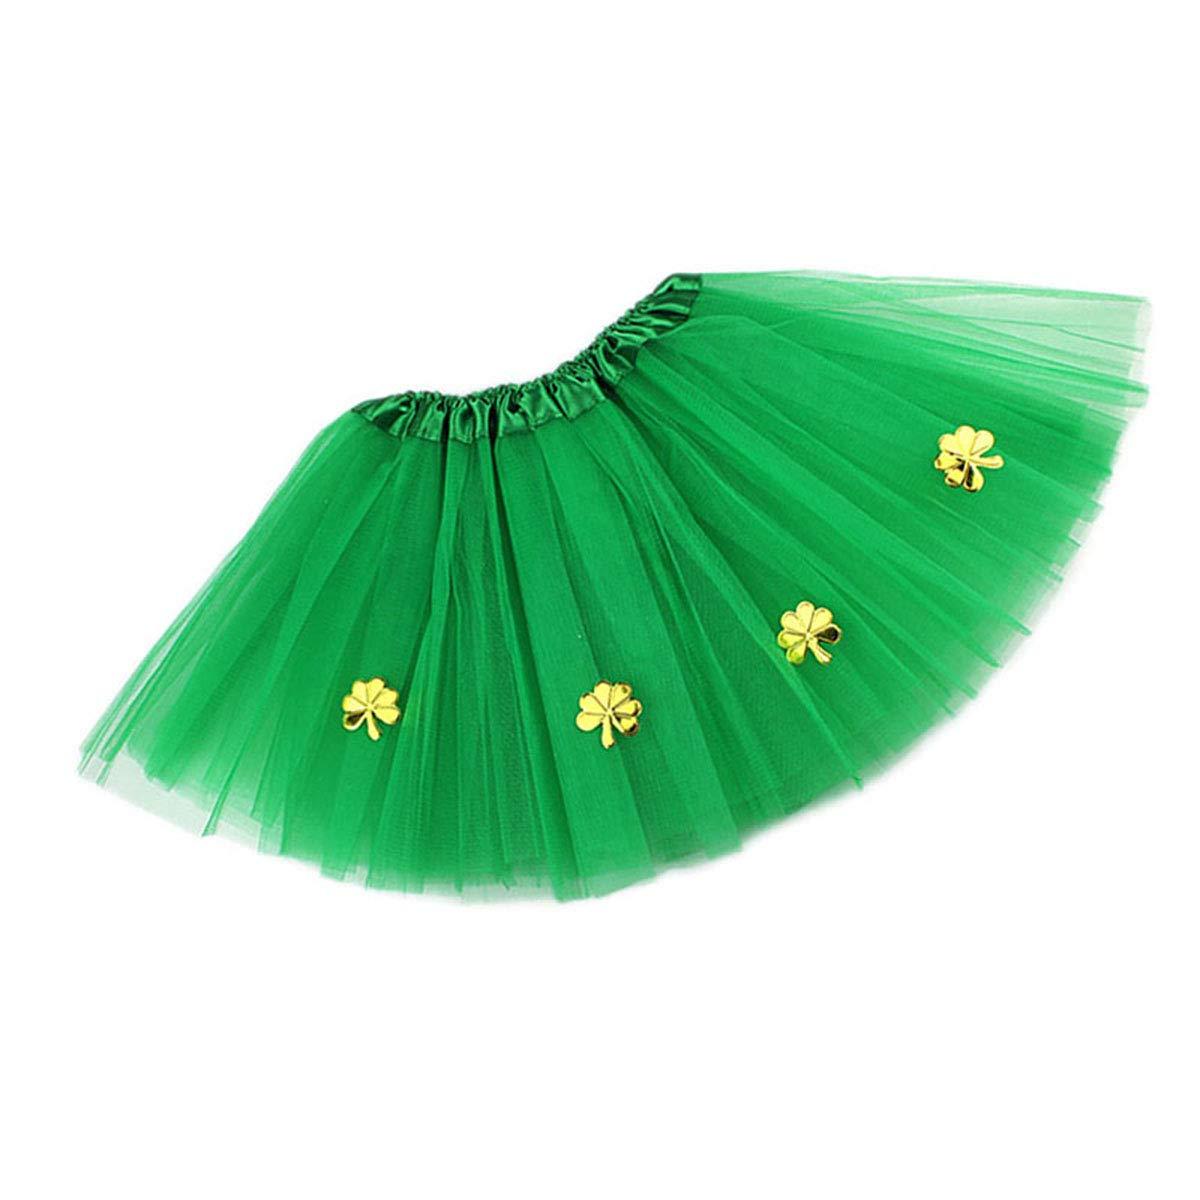 BESTOYARD Gonna Tutu Verde con Motivo Quadrifoglio Trifoglio Irlandese Vestito San Patrizio Costume 22cm